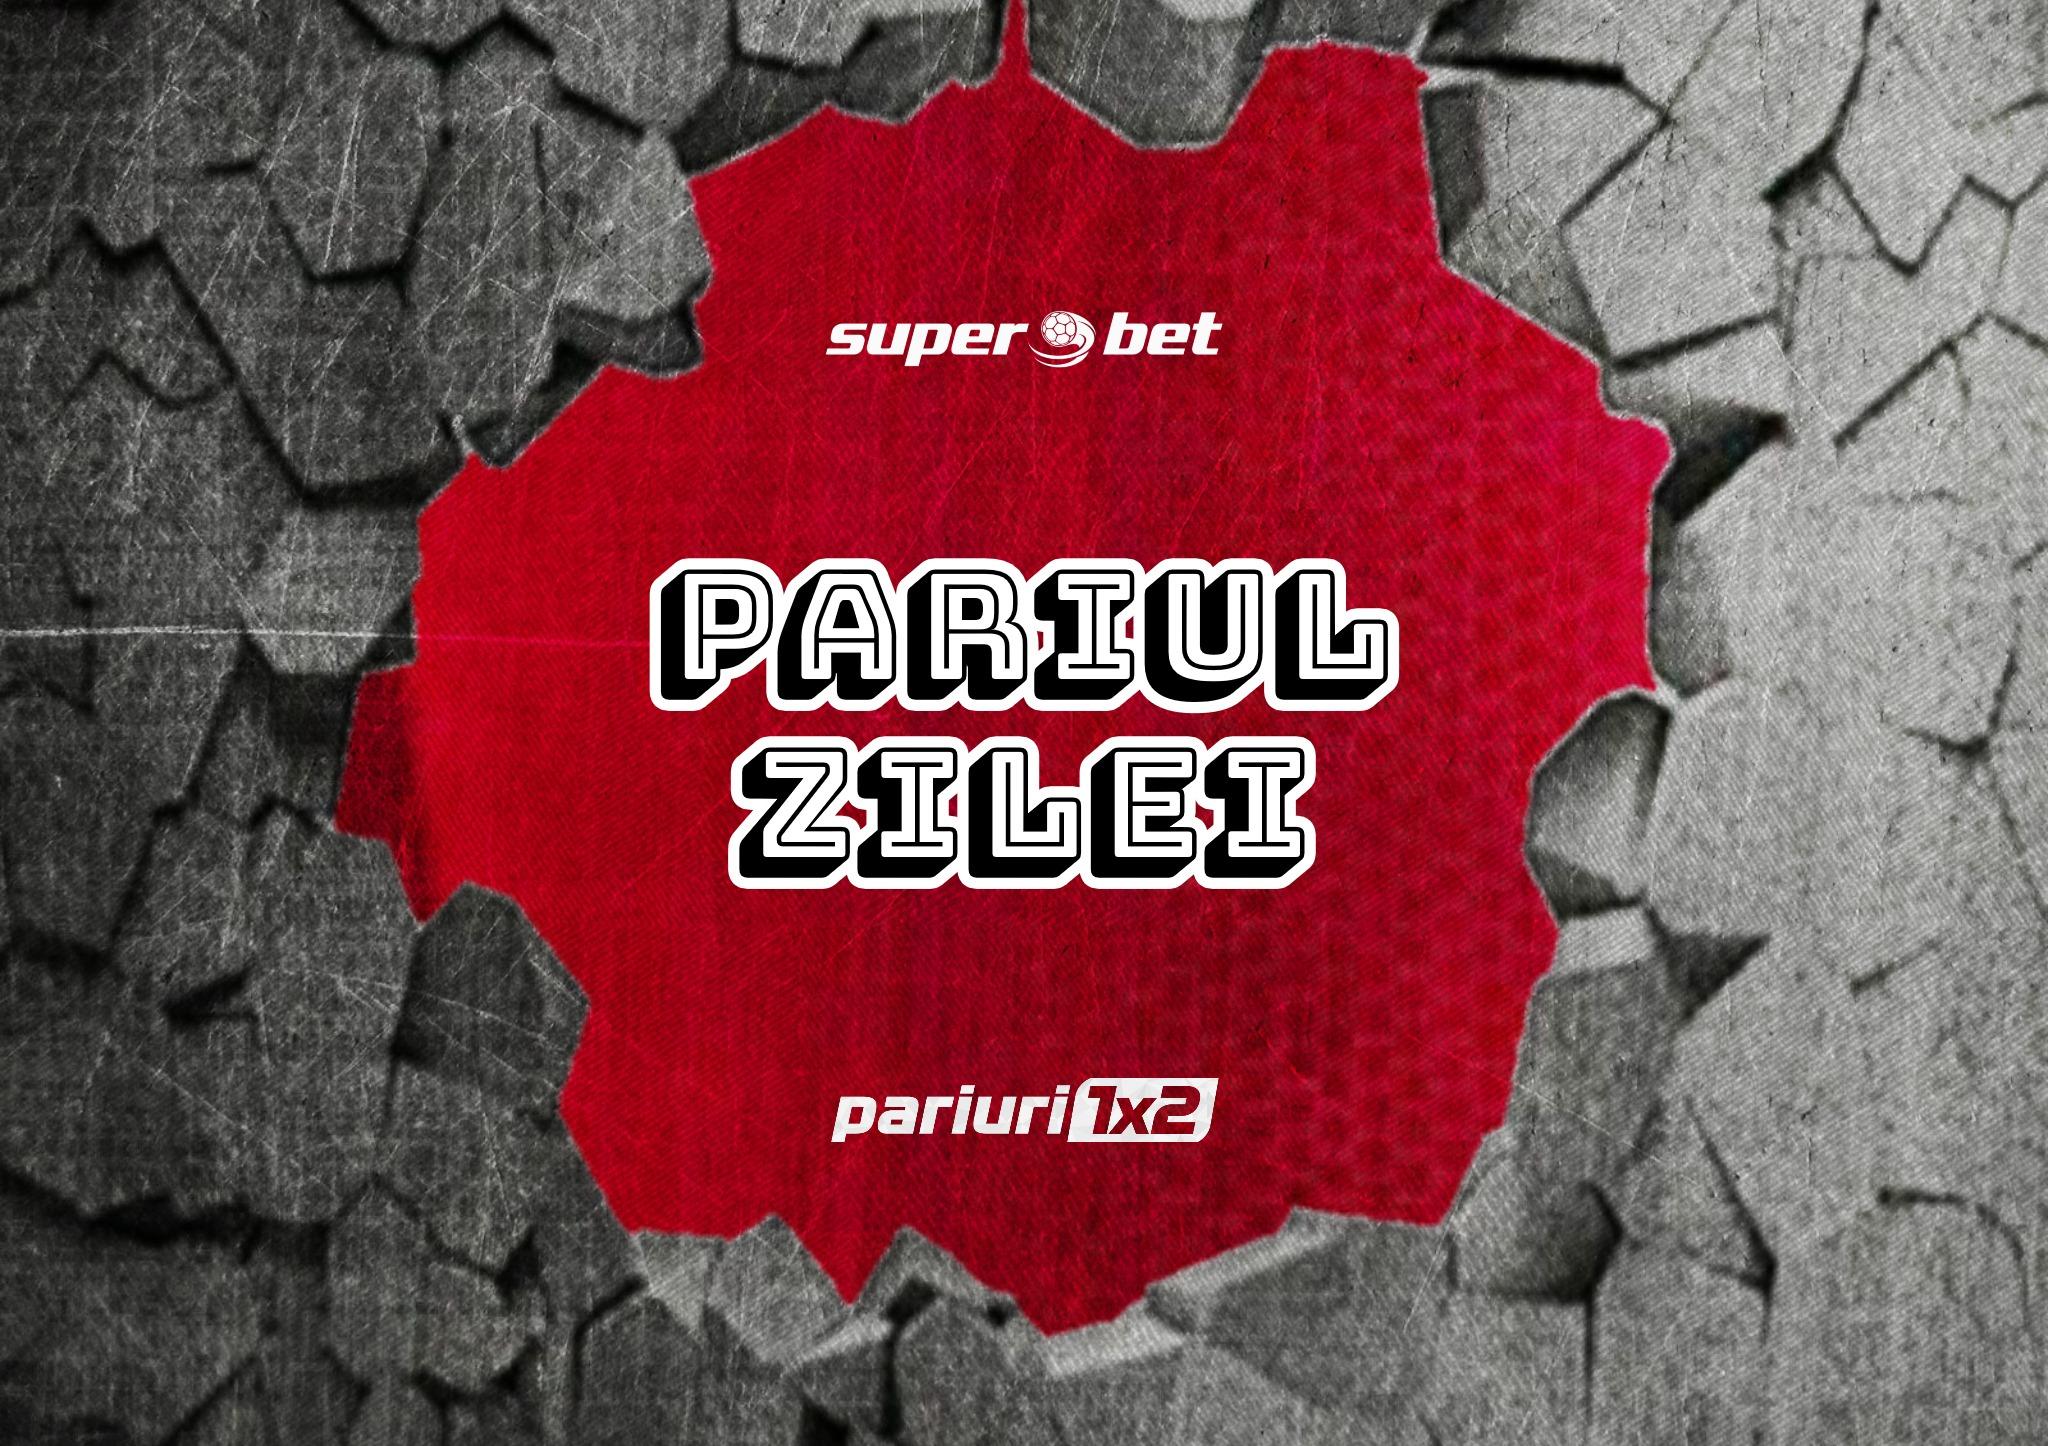 Pariul zilei la Superbet (20 septembrie) » Investim pe faulturi, la cota 1.75!